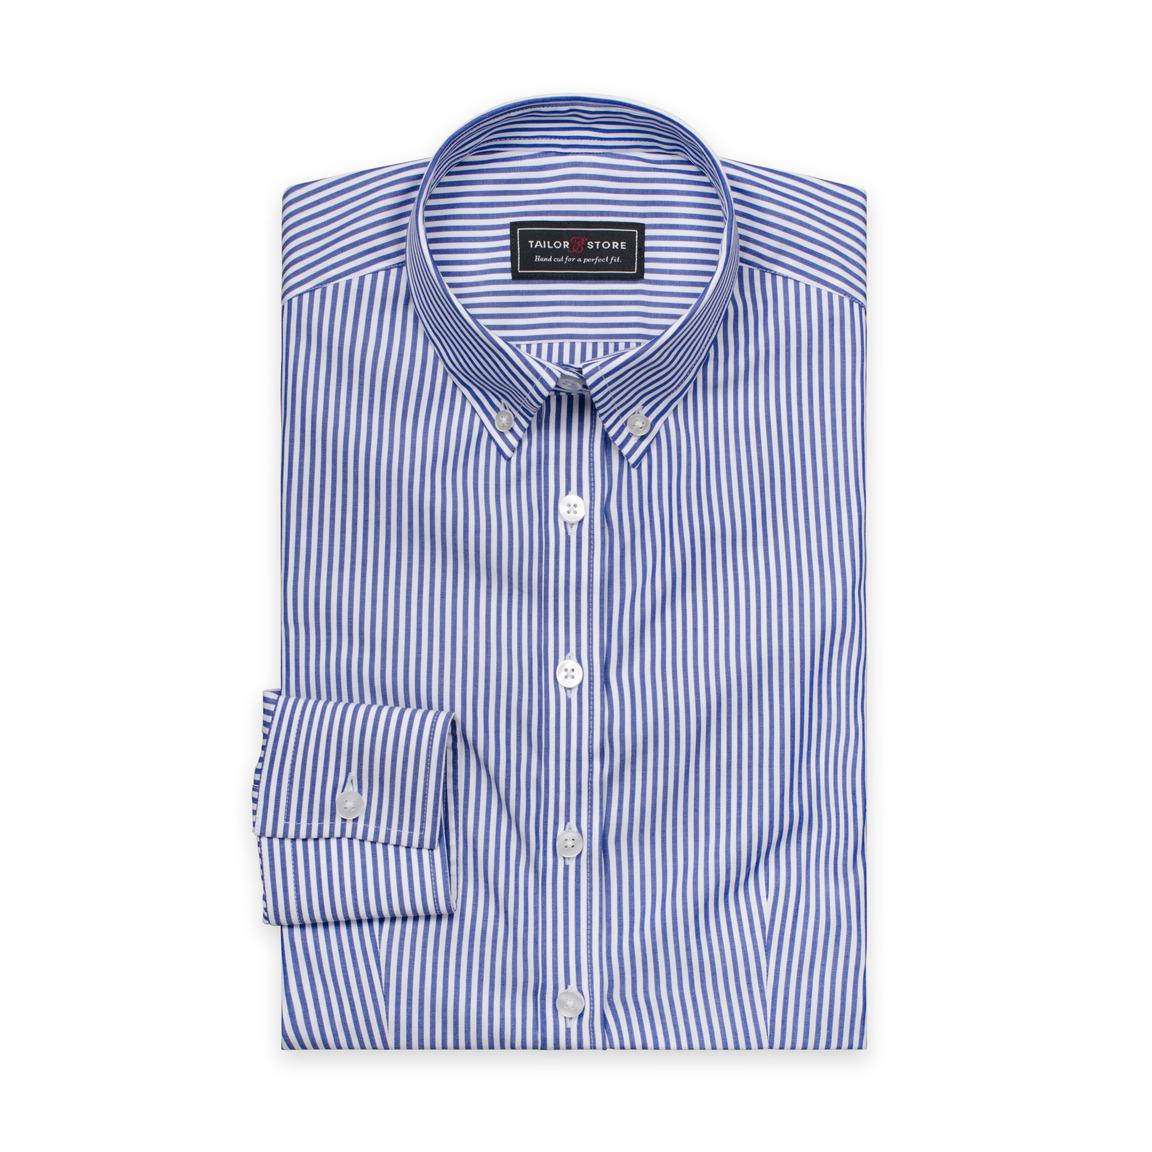 Vit/Mörkblårandig poplinskjorta